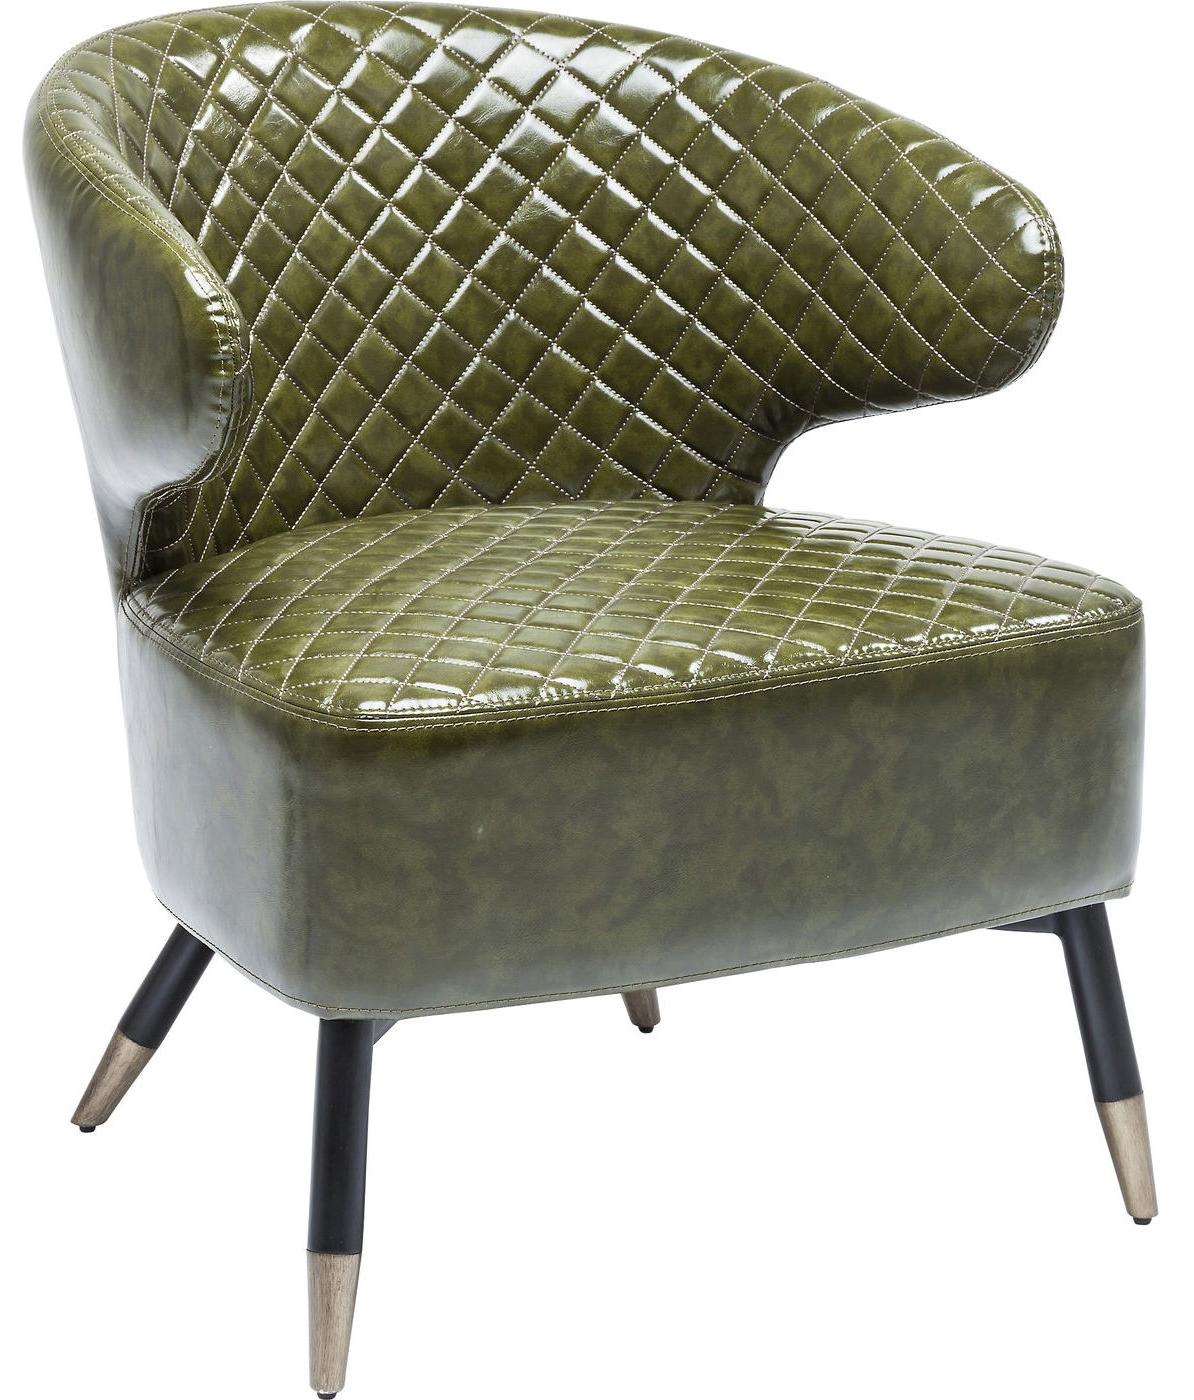 bureaus kare design in de aanbieding kopen. Black Bedroom Furniture Sets. Home Design Ideas